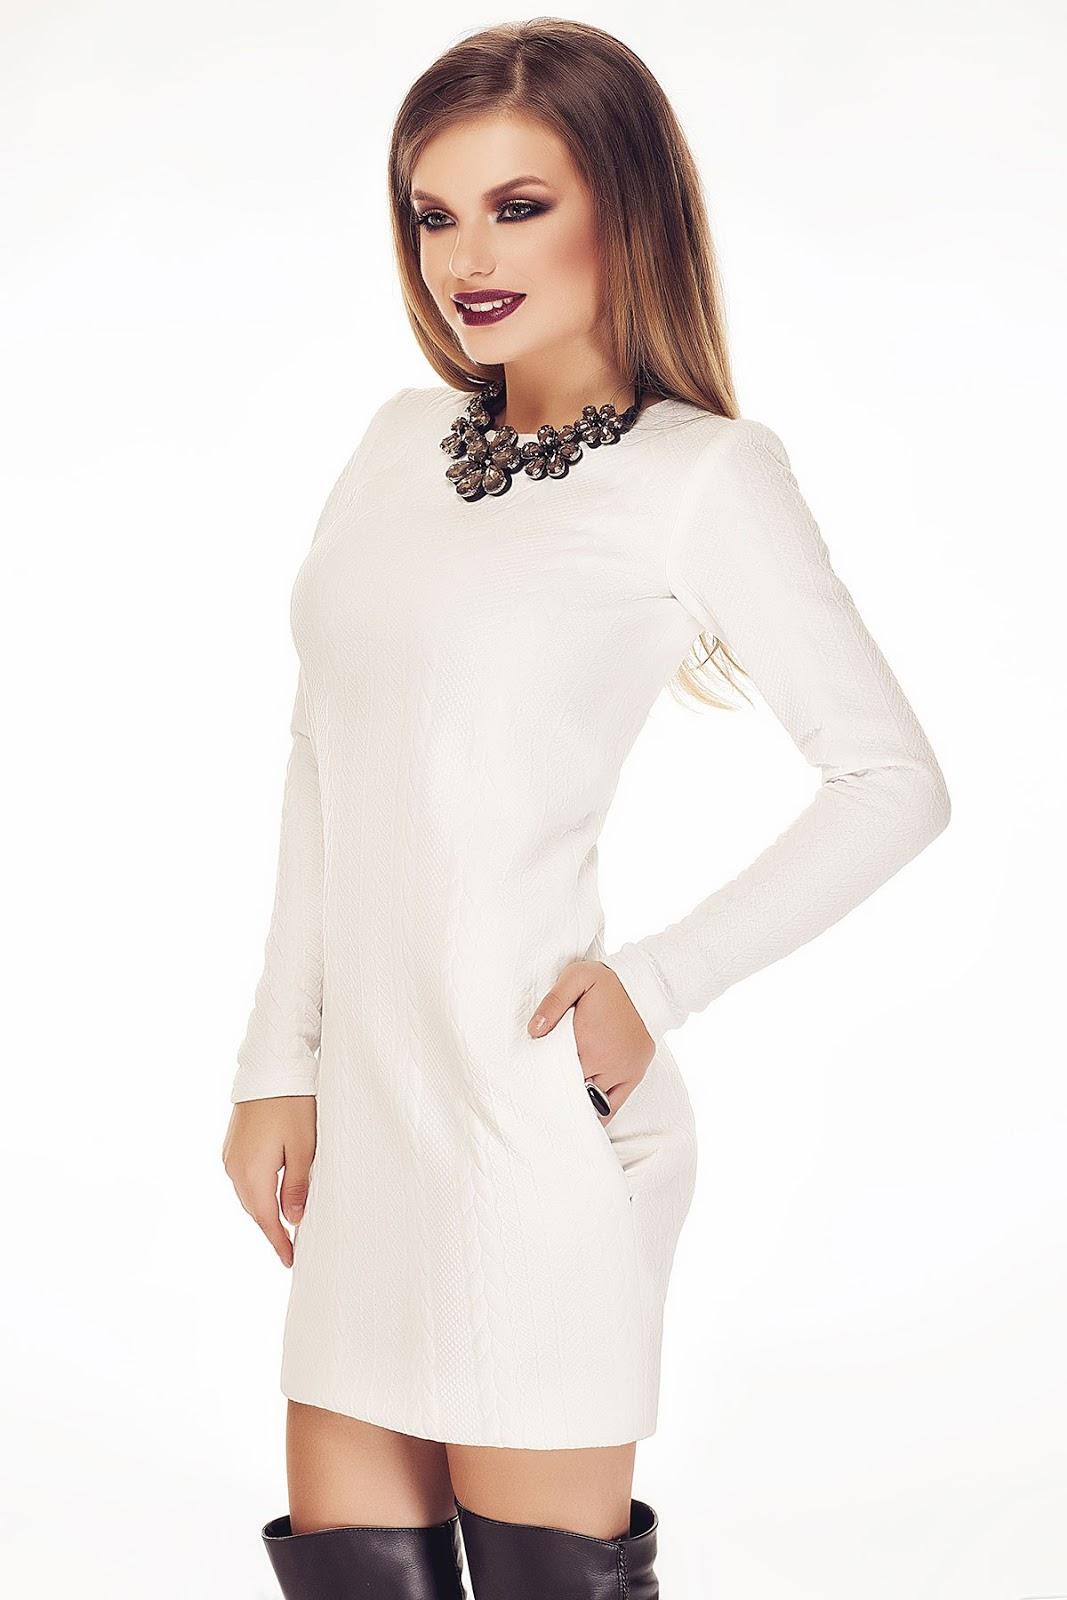 Alege rochii scurte, potrivite pentru un stil casual, rochii lungi, pentru tinute de ocazie sau midi, din bumbac sau stofa, pentru tinutele office. Descopera modelul preferat dintr-o multime de optiuni pe care orice femeie le viseaza in garderoba!